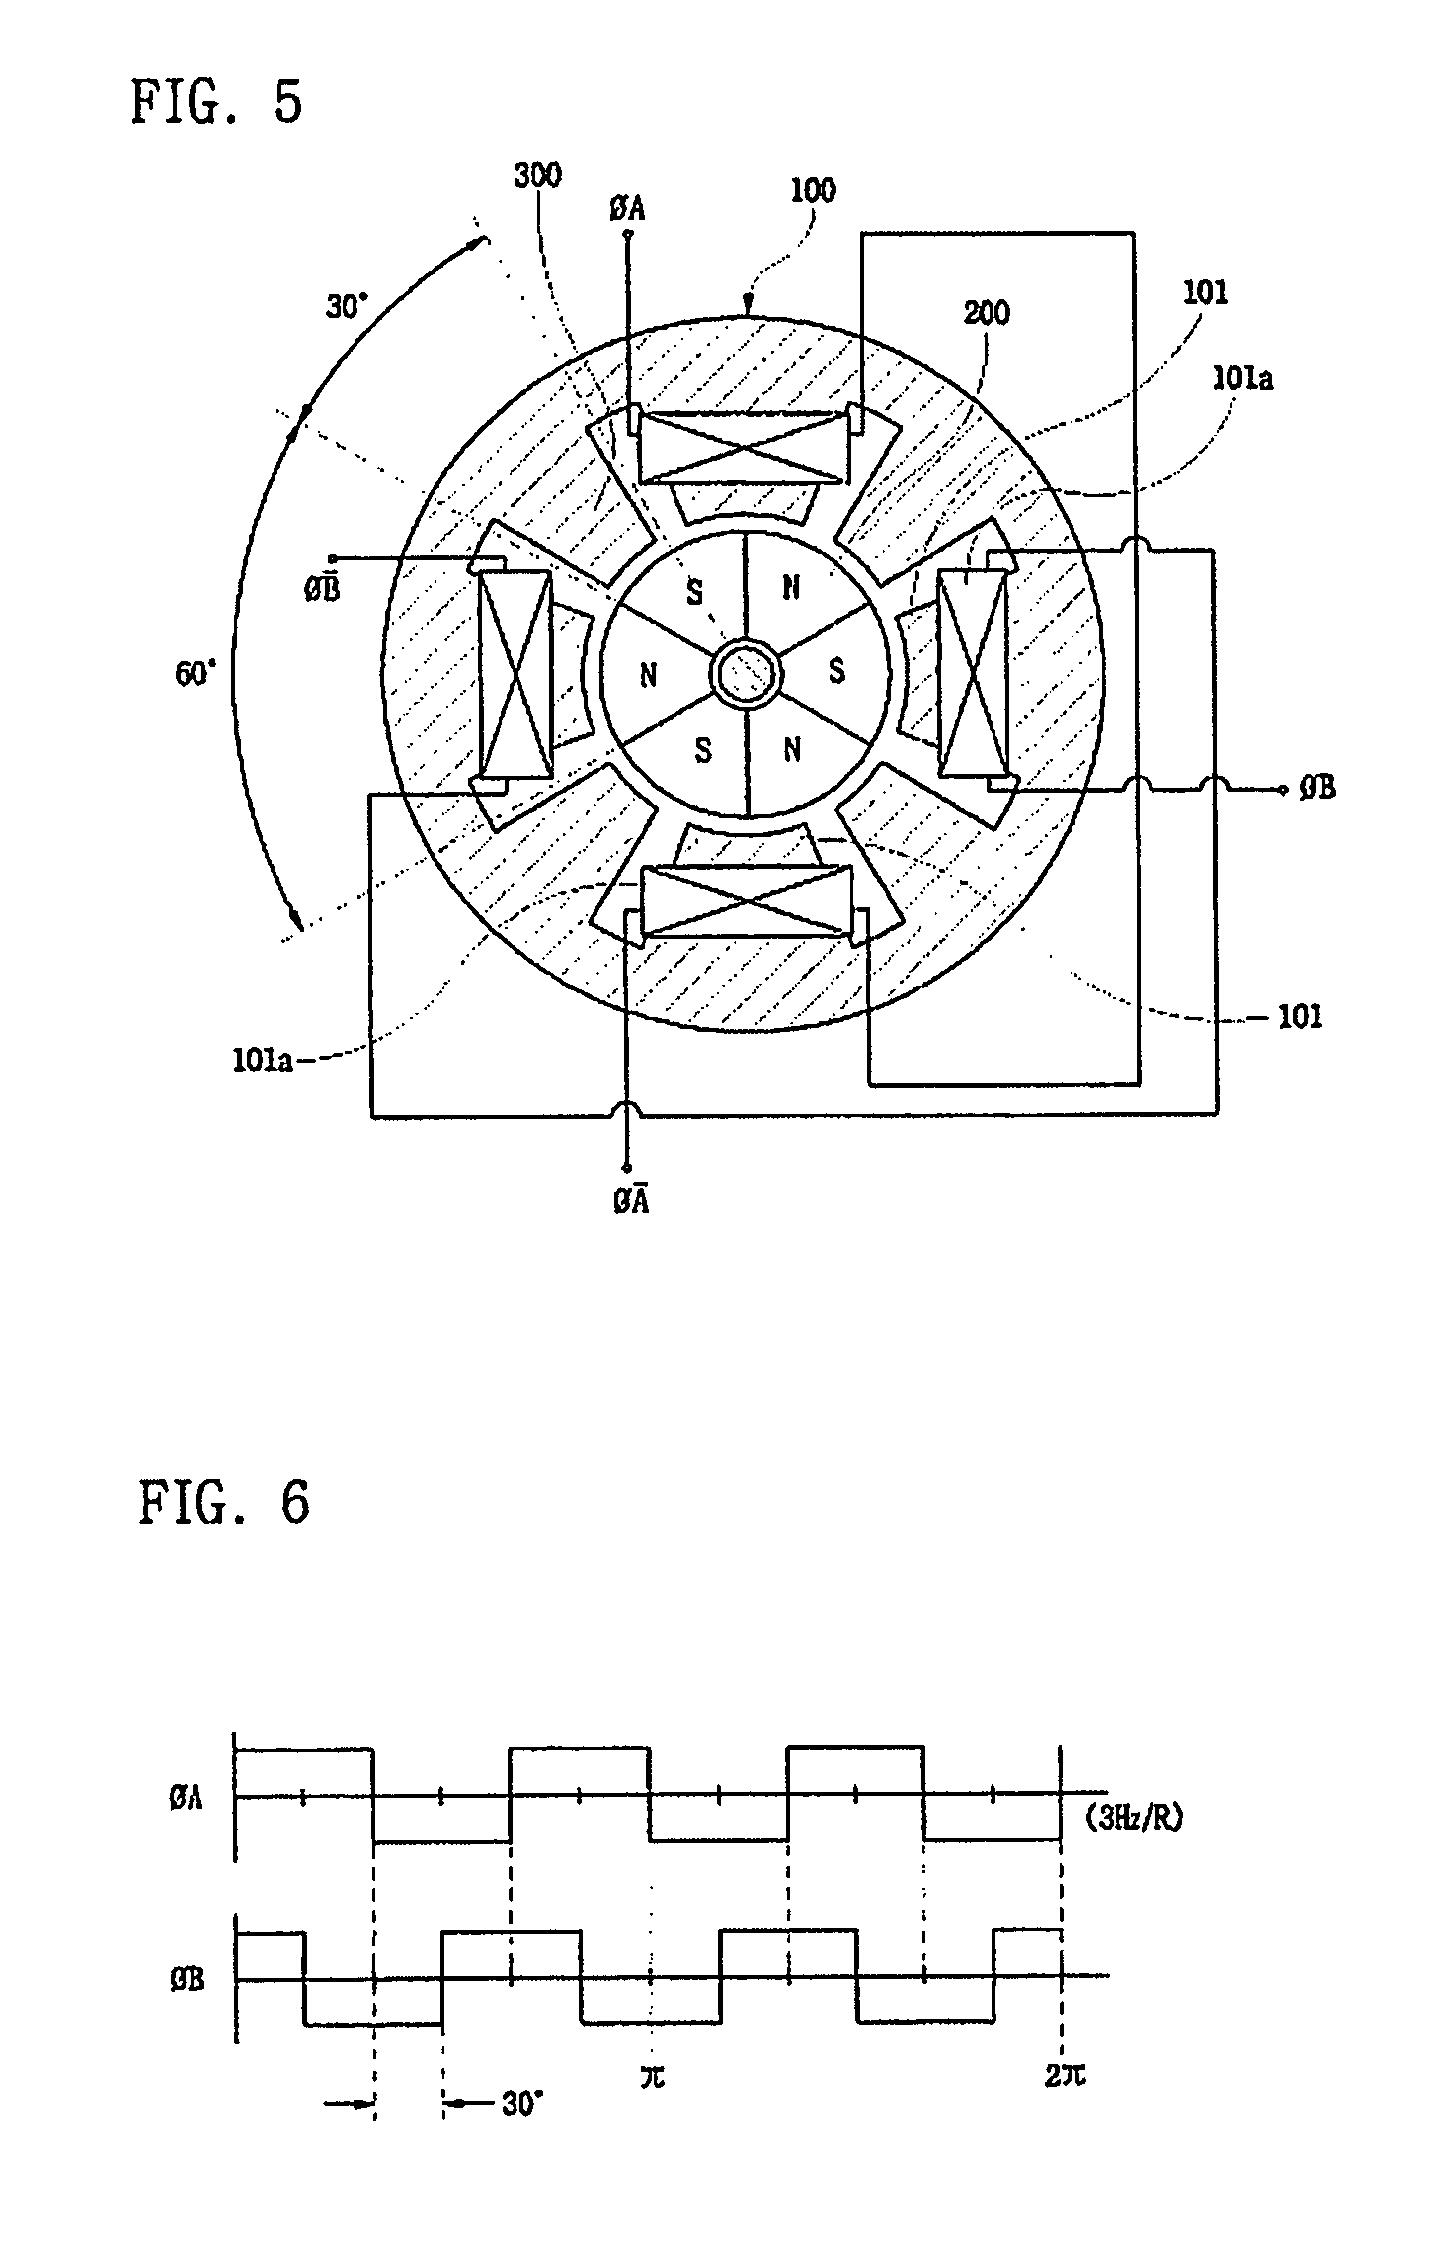 spencer motor wiring diagram wiring diagramspencer motor wiring diagram circuit diagram templatedoc] ➤ diagram spencer motor wiring diagram ebook schematicdiagram